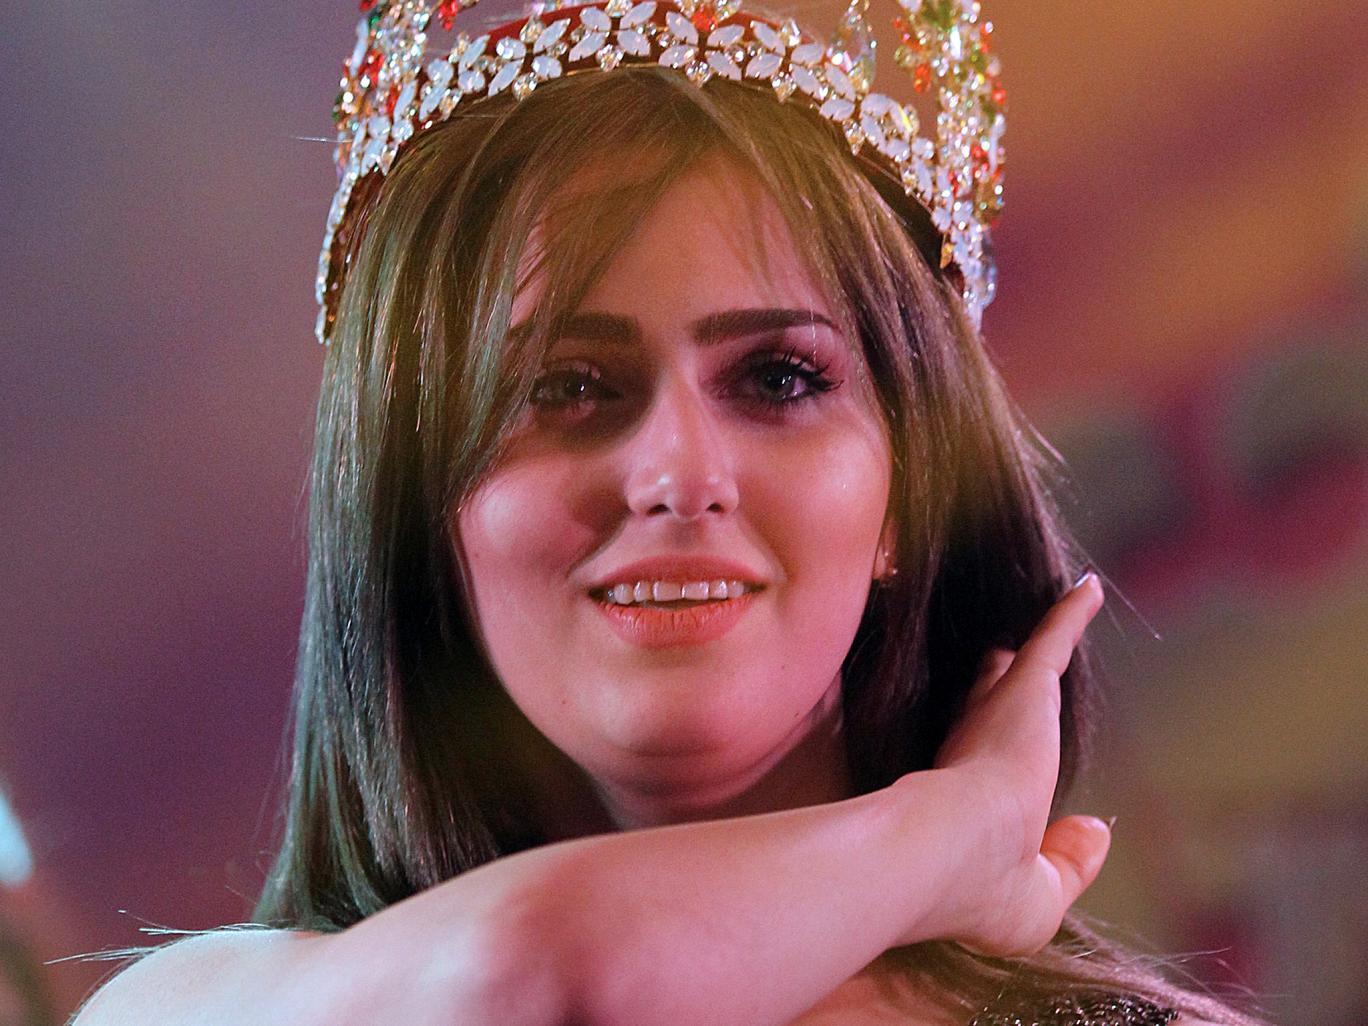 Cận cảnh nhan sắc Hoa hậu Iraq bị IS dọa bắt cóc 1